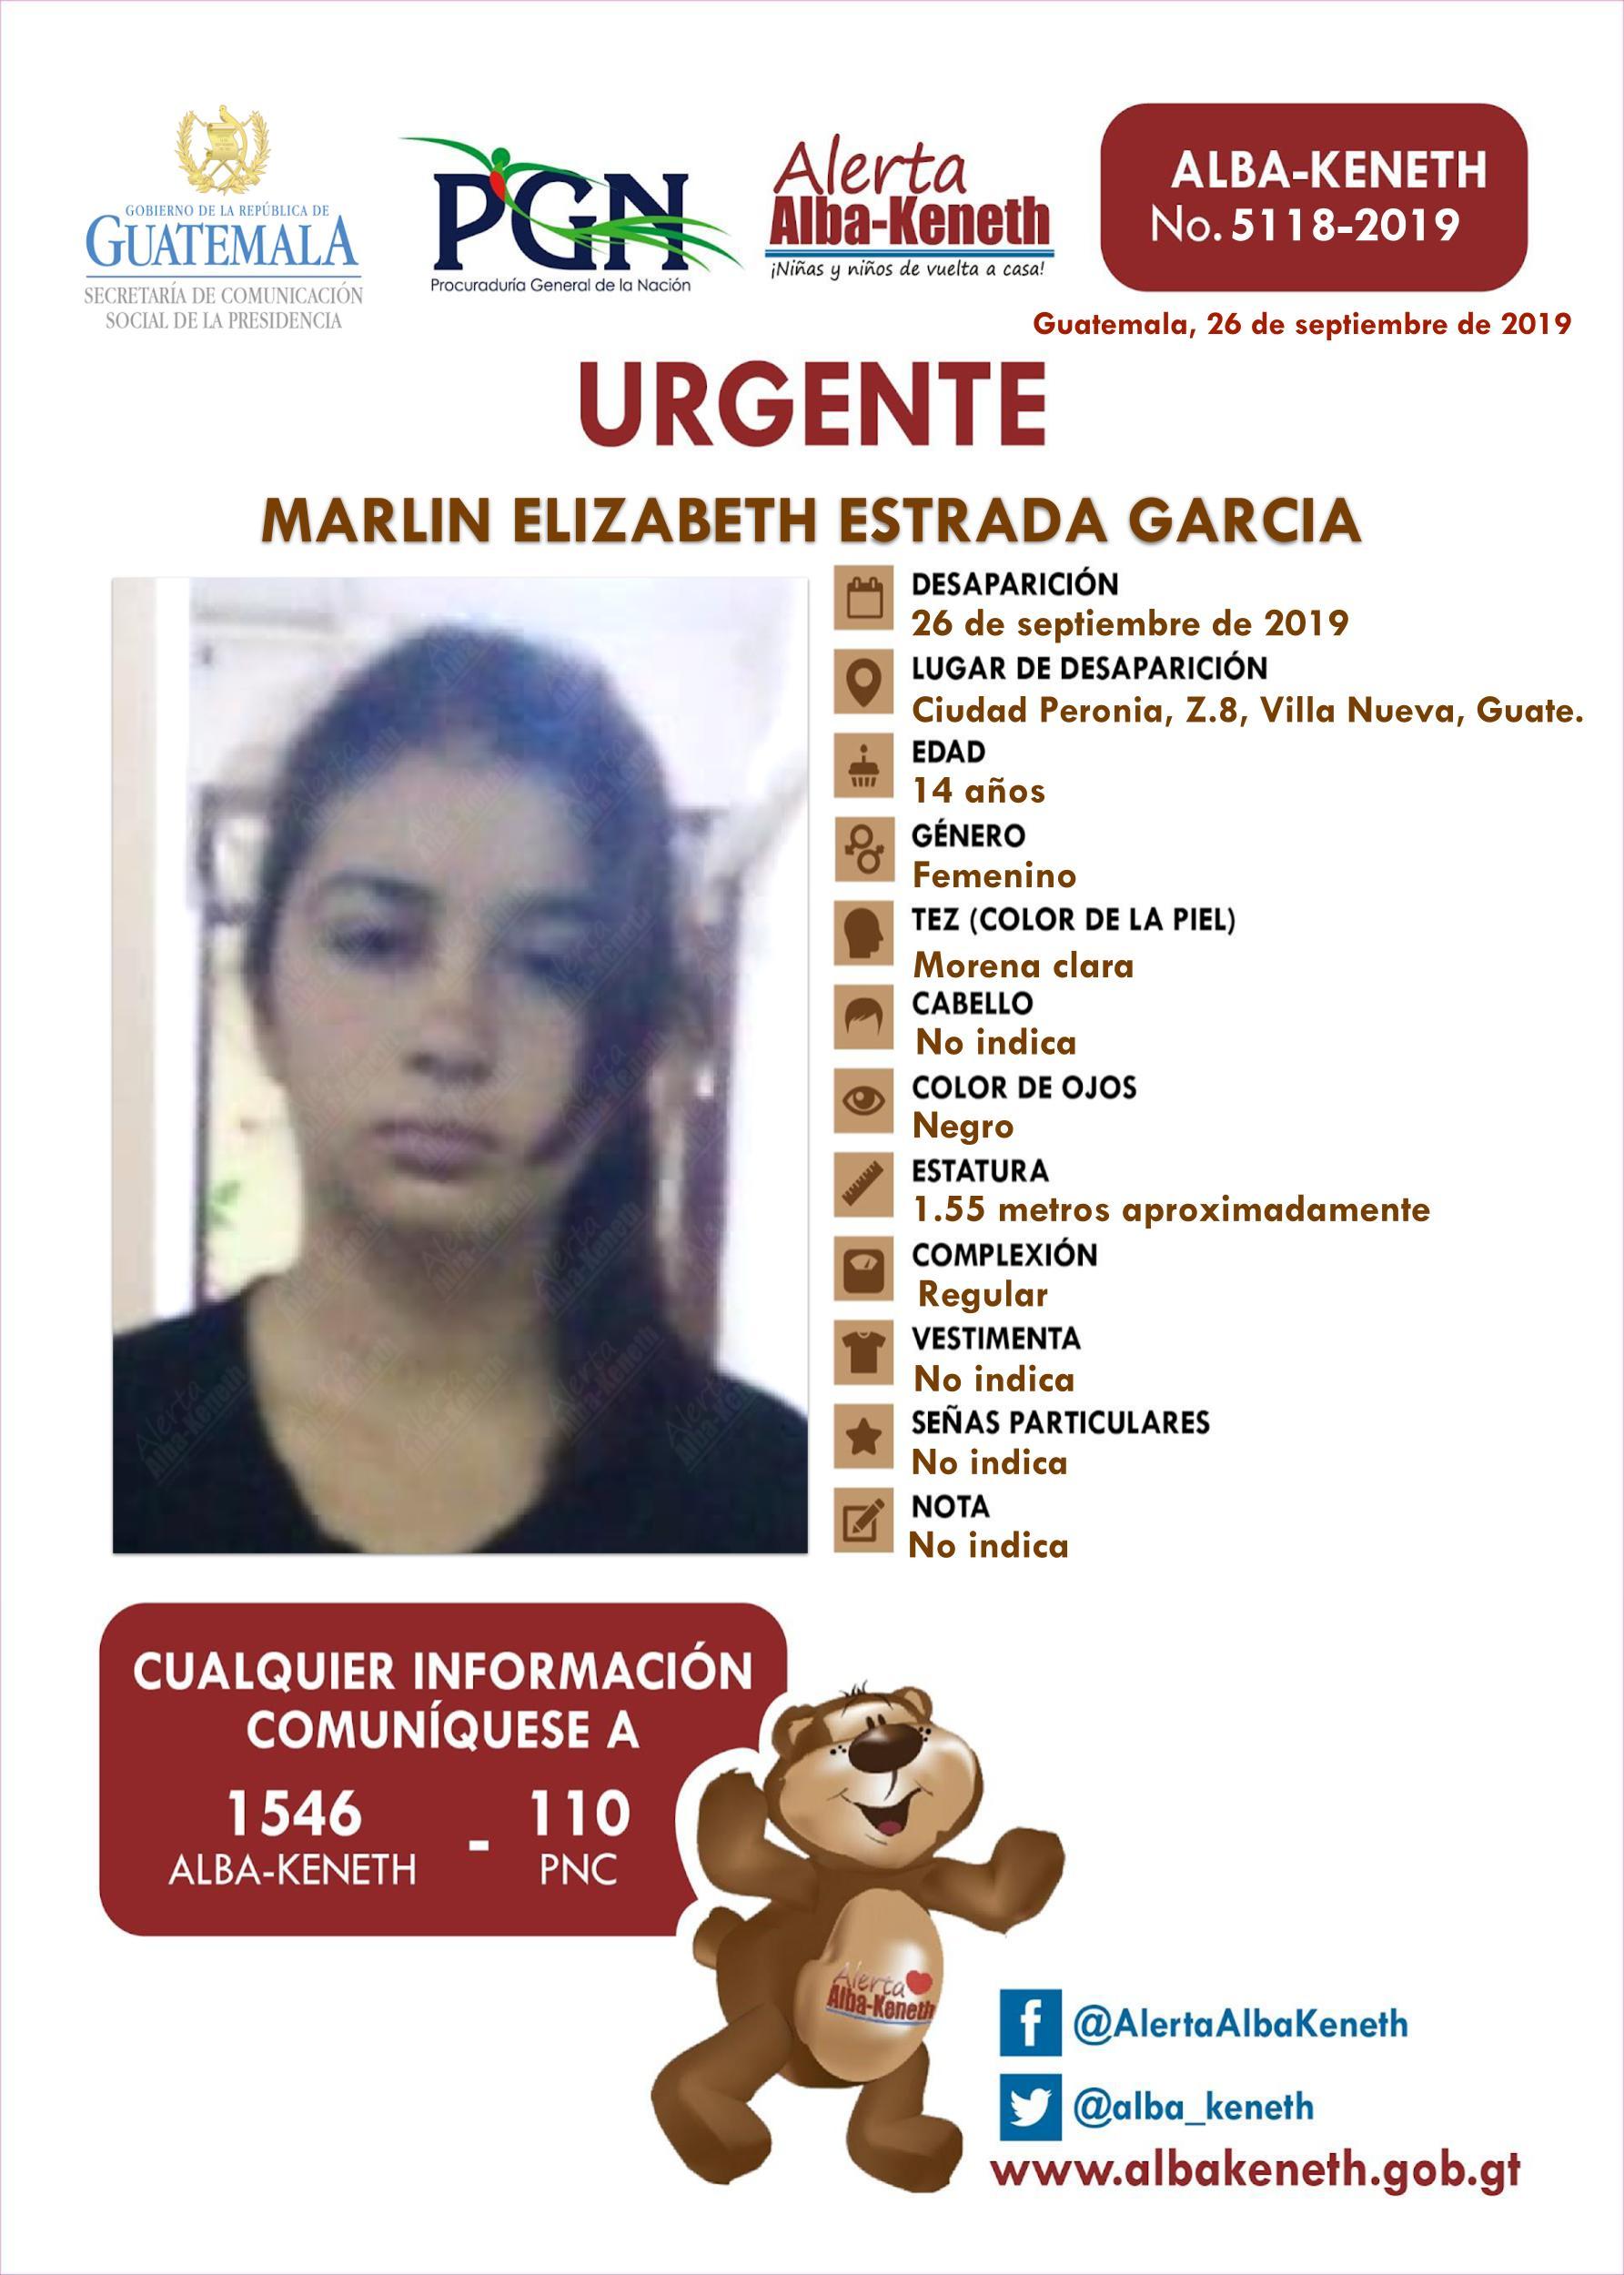 Marlin Elizabeth Estrada Garcia